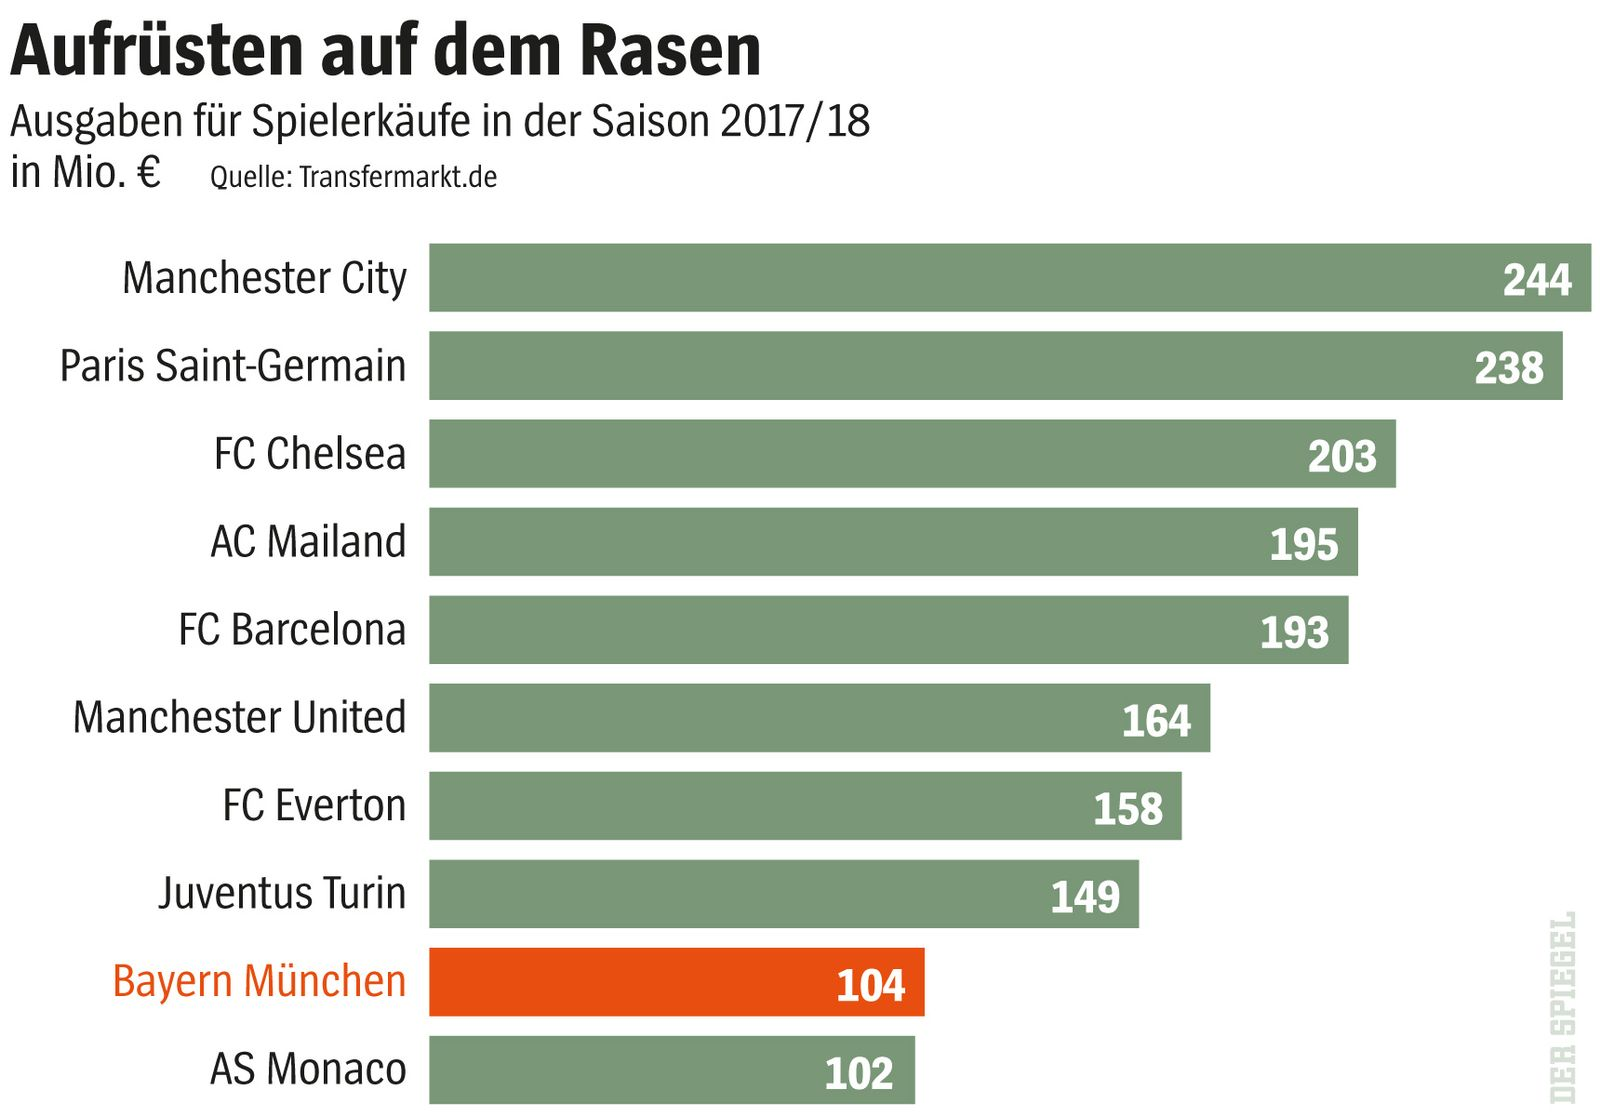 SPIEGEL 37/2017, S.112 Grafik Fußball / Transfermarkt